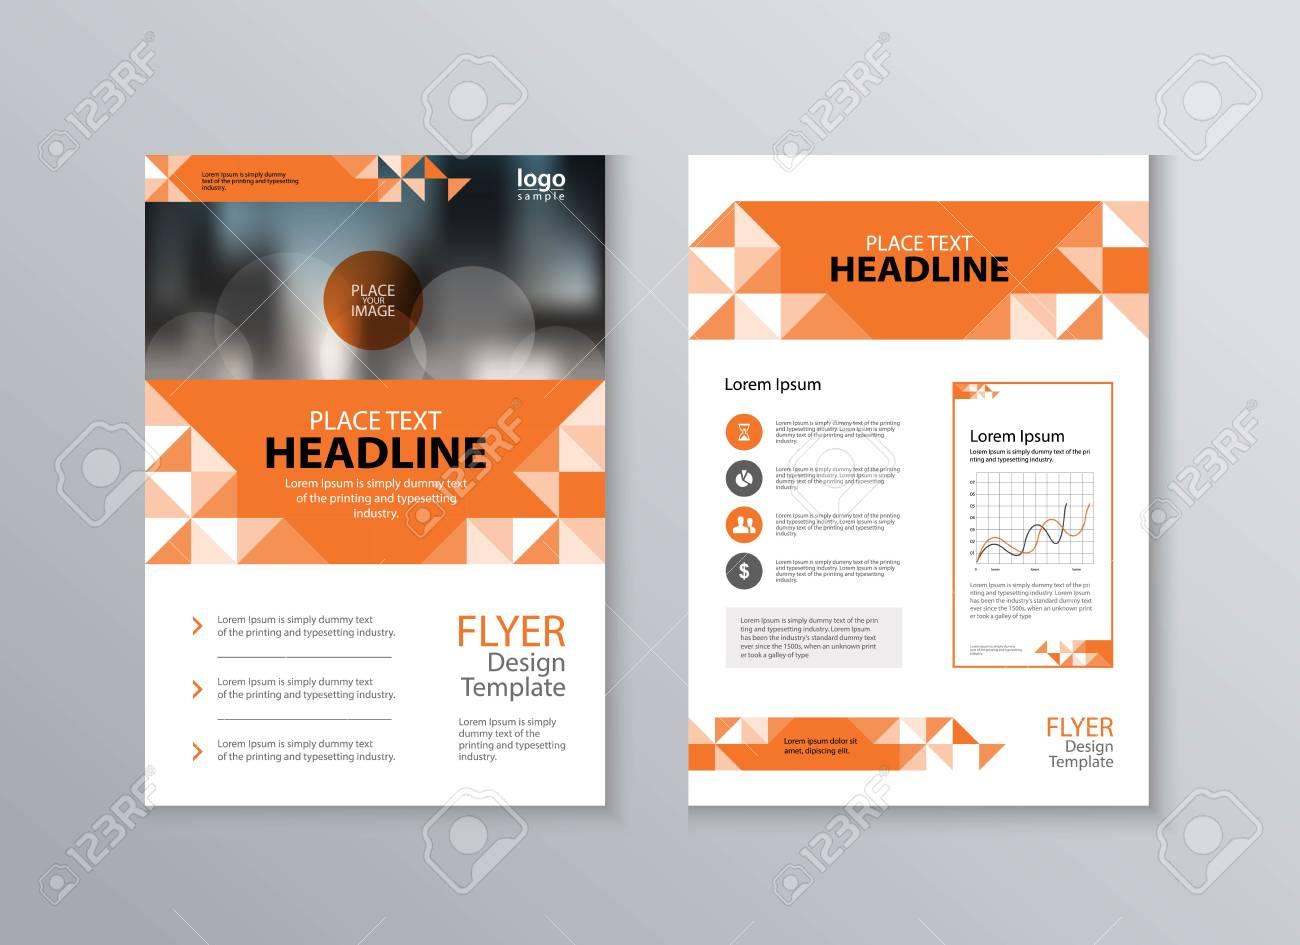 Abstract Cover Und Layout Design Vorlage Für Marketing Material ...